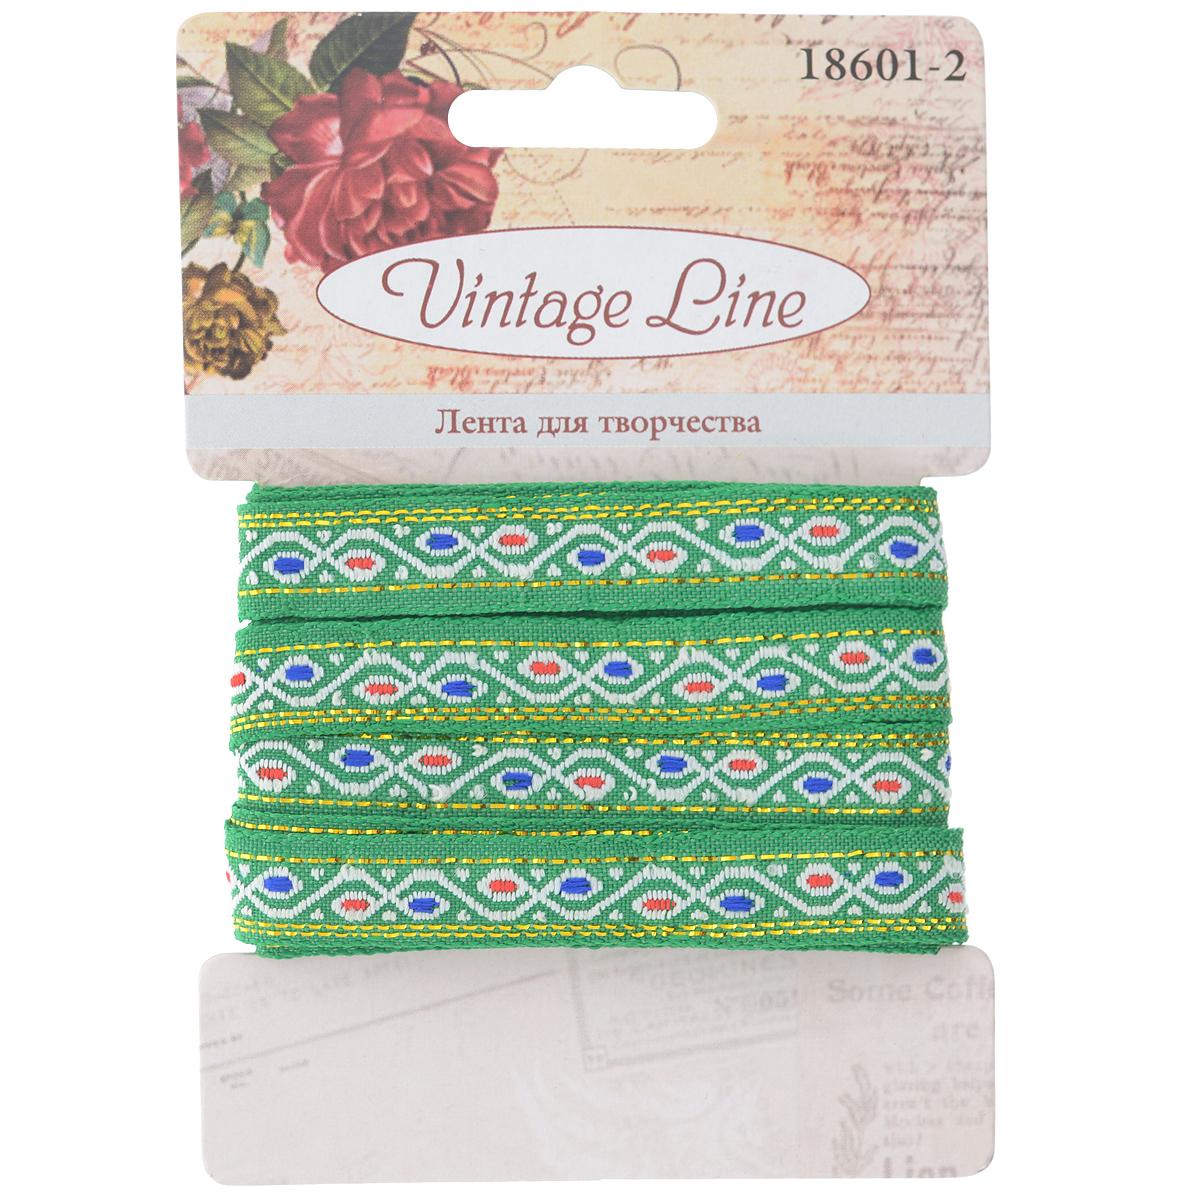 Лента декоративная Vintage Line, цвет: зеленый, 1 х 200 см floral halter vintage a line dress